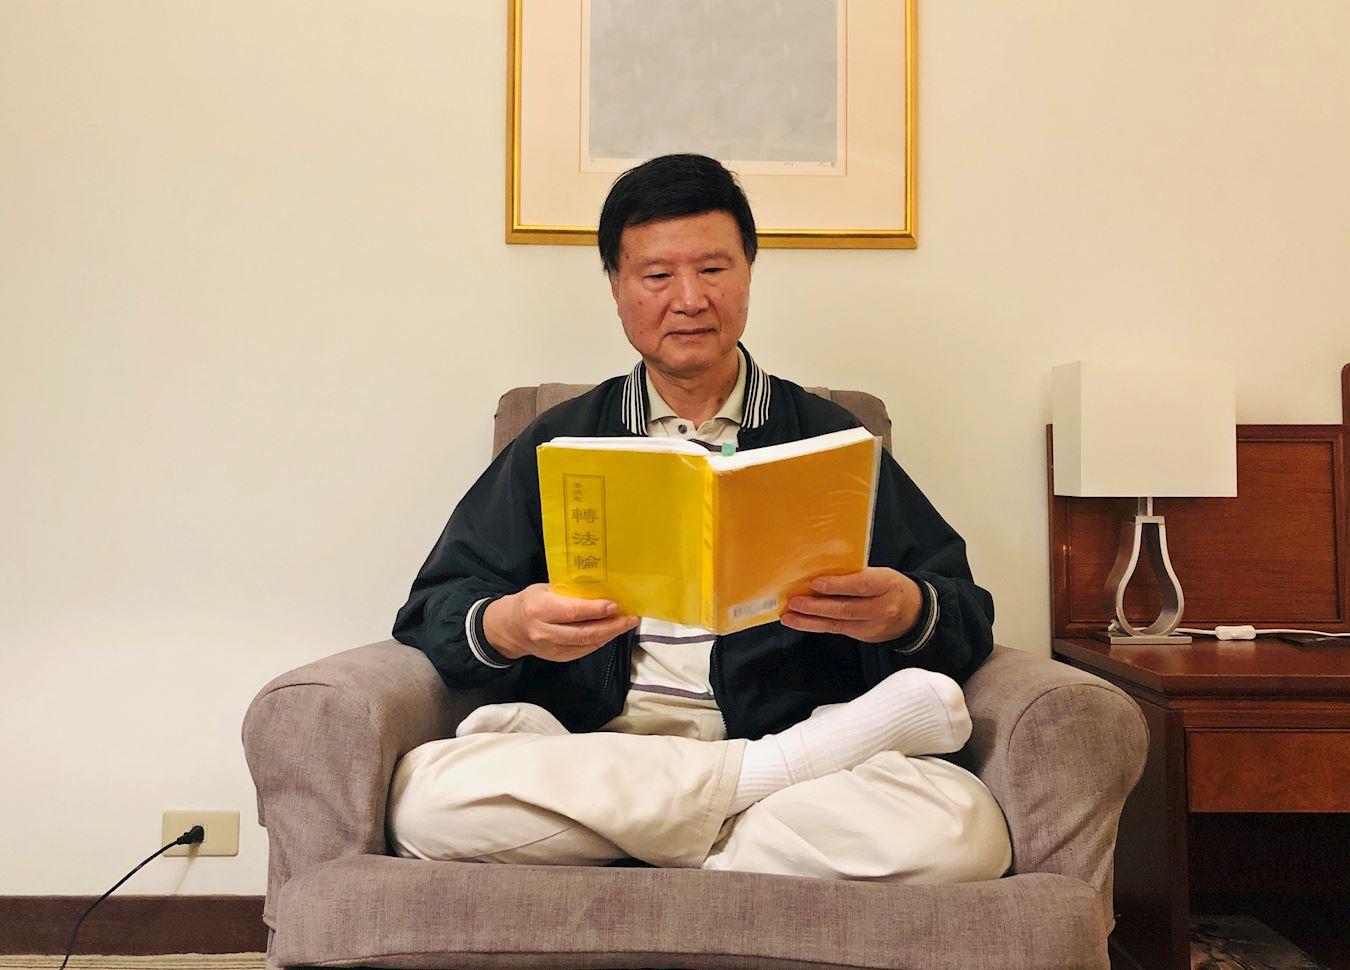 徐文海感慨於李洪志師父的每一句法理,打從心底覺得做人就是應該按「真、善、忍」作為指導。(明慧網)